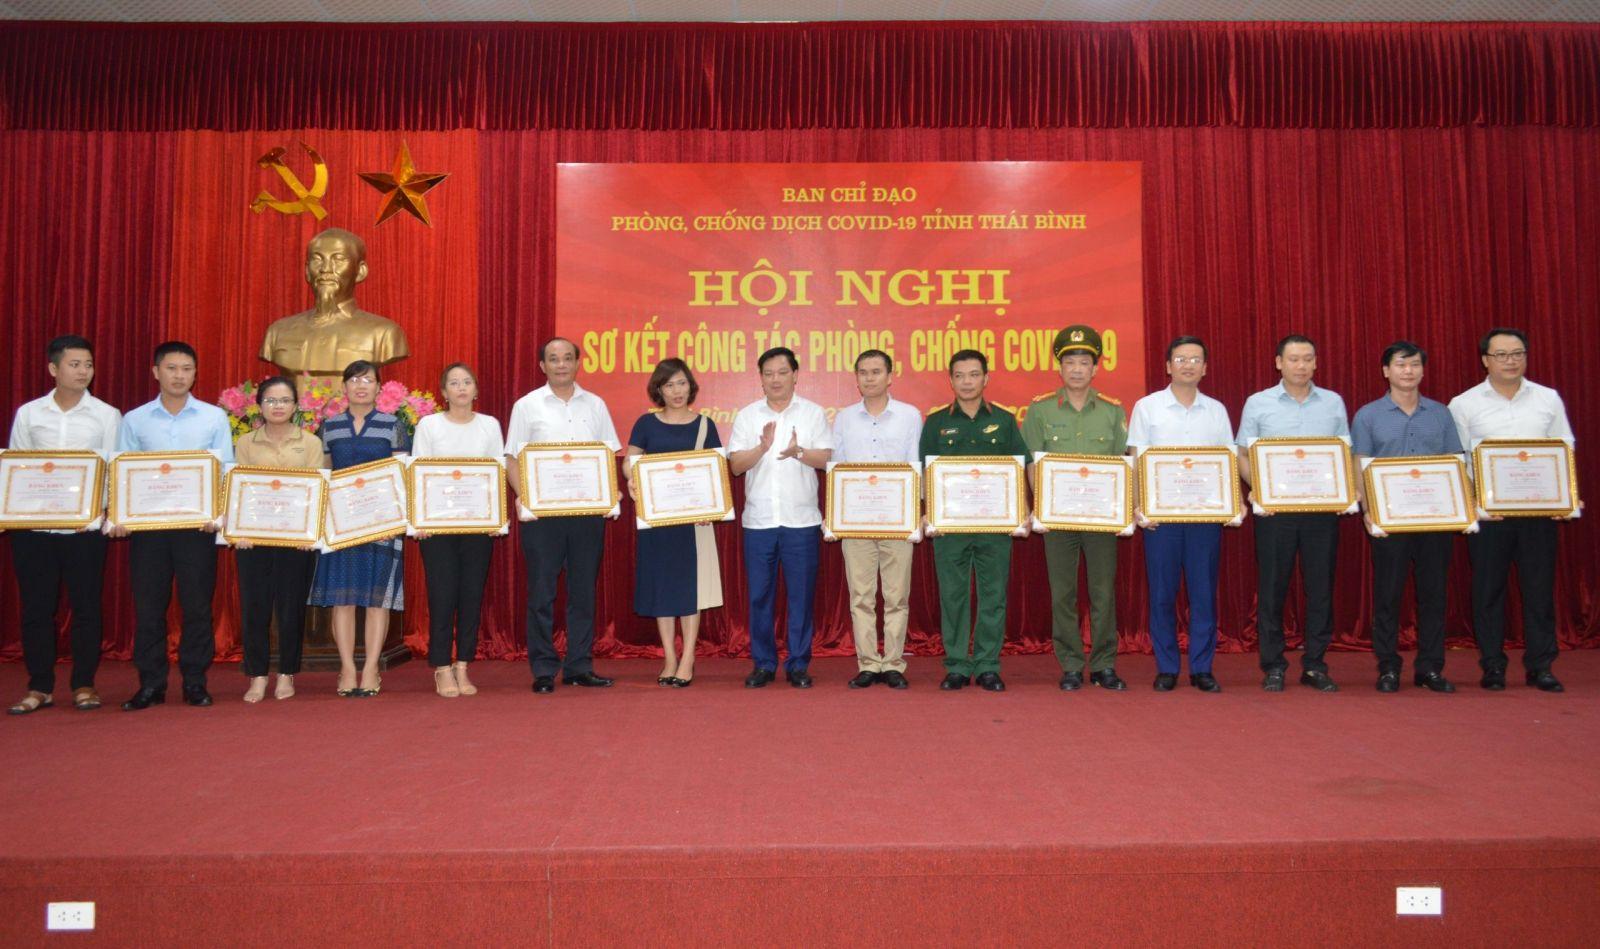 Thái Bình:  Dịch bệnh COVID-19 đang được kiểm soát tốt